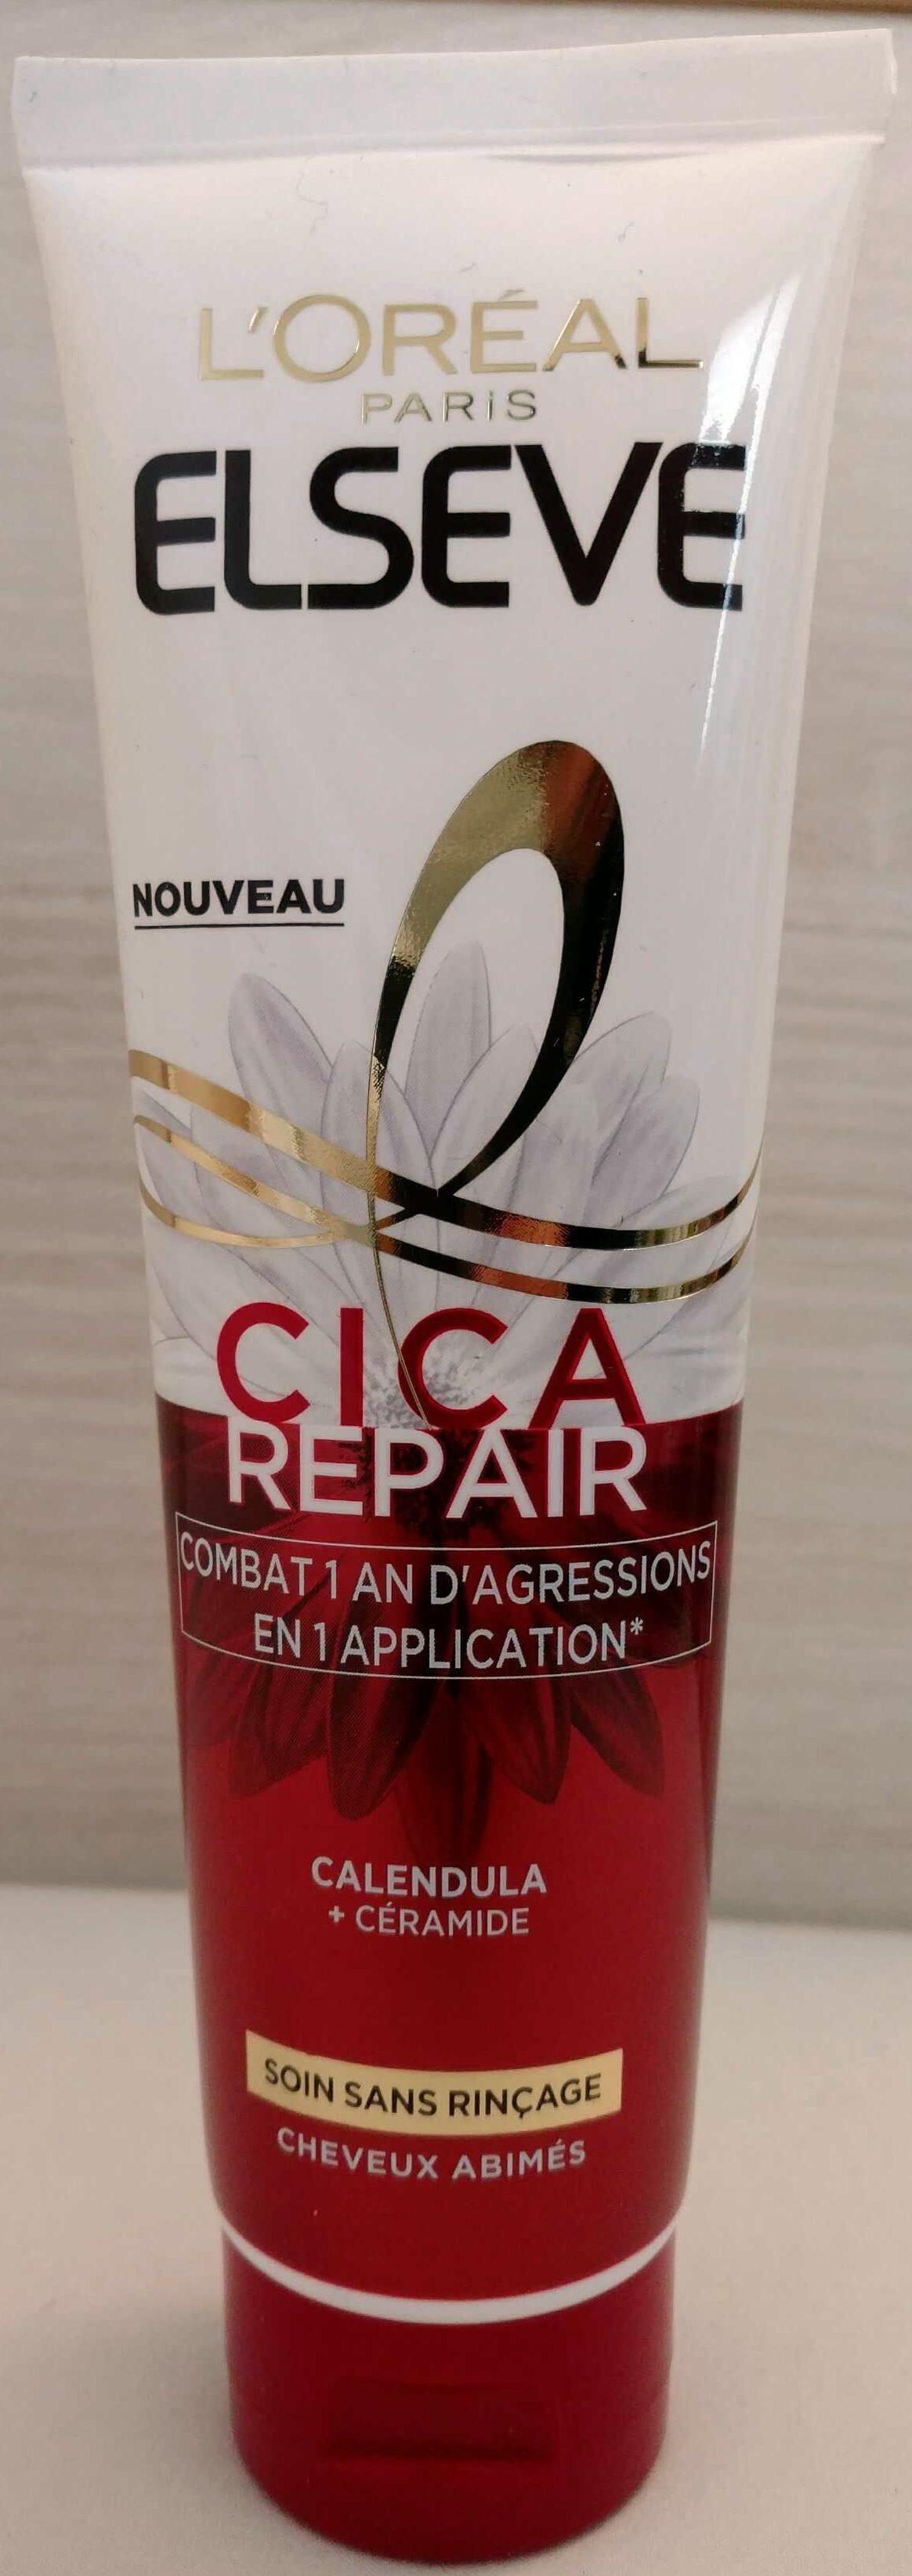 Cica repair - Soins sans rinçage - Produit - fr